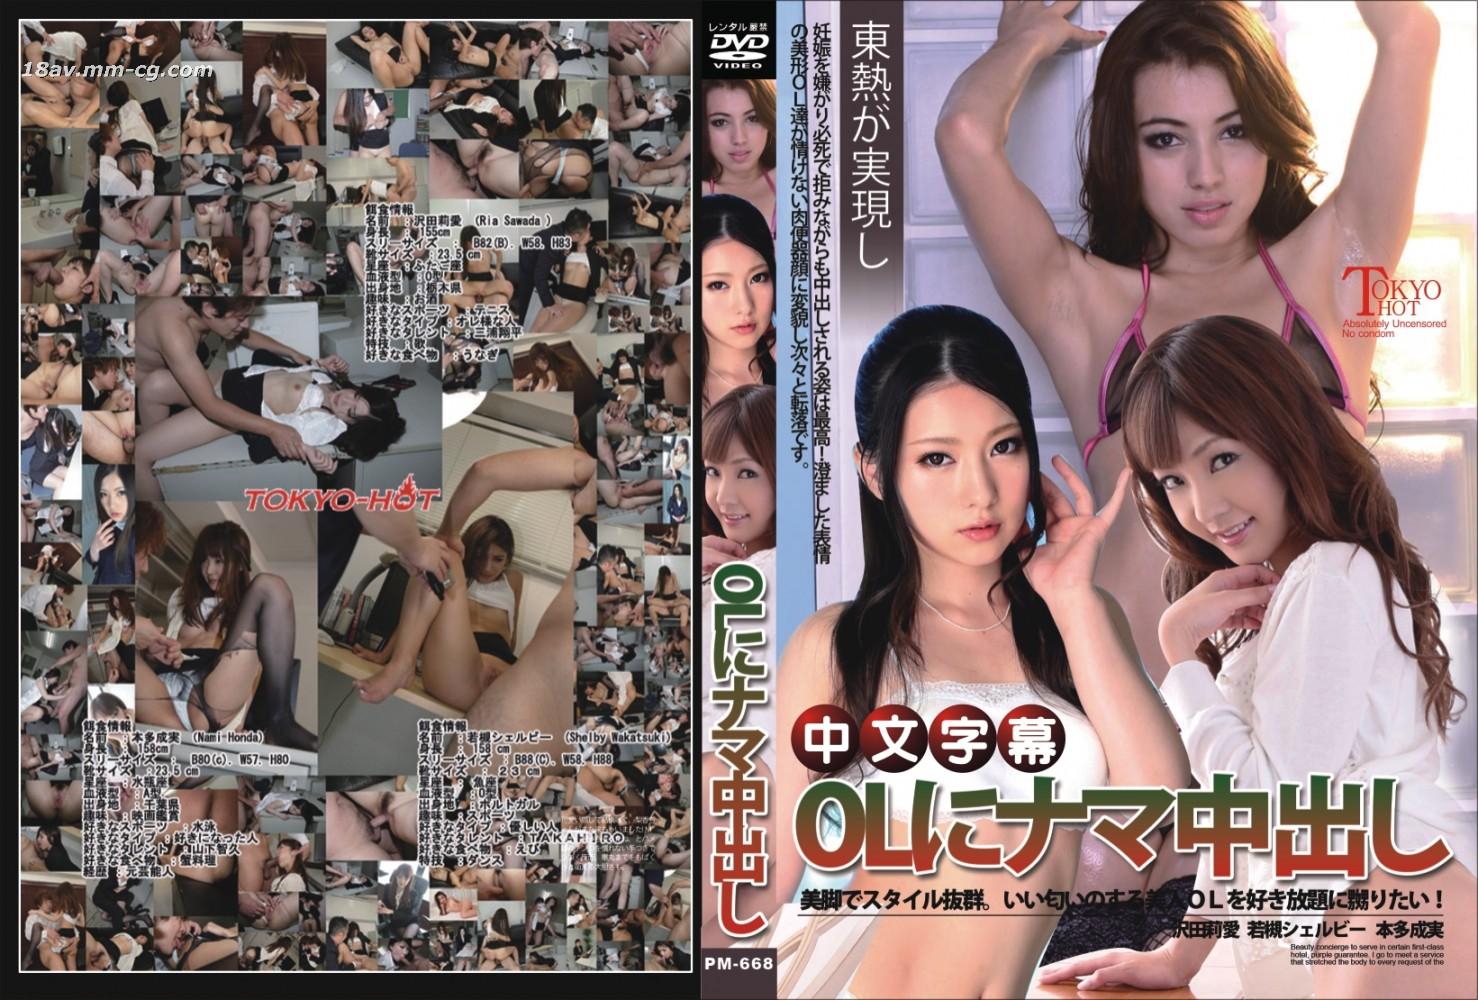 Innocent Chinese PM-668 OL Nakaide 2 Sawada Aya Ai Wakatsuki Honda Sei